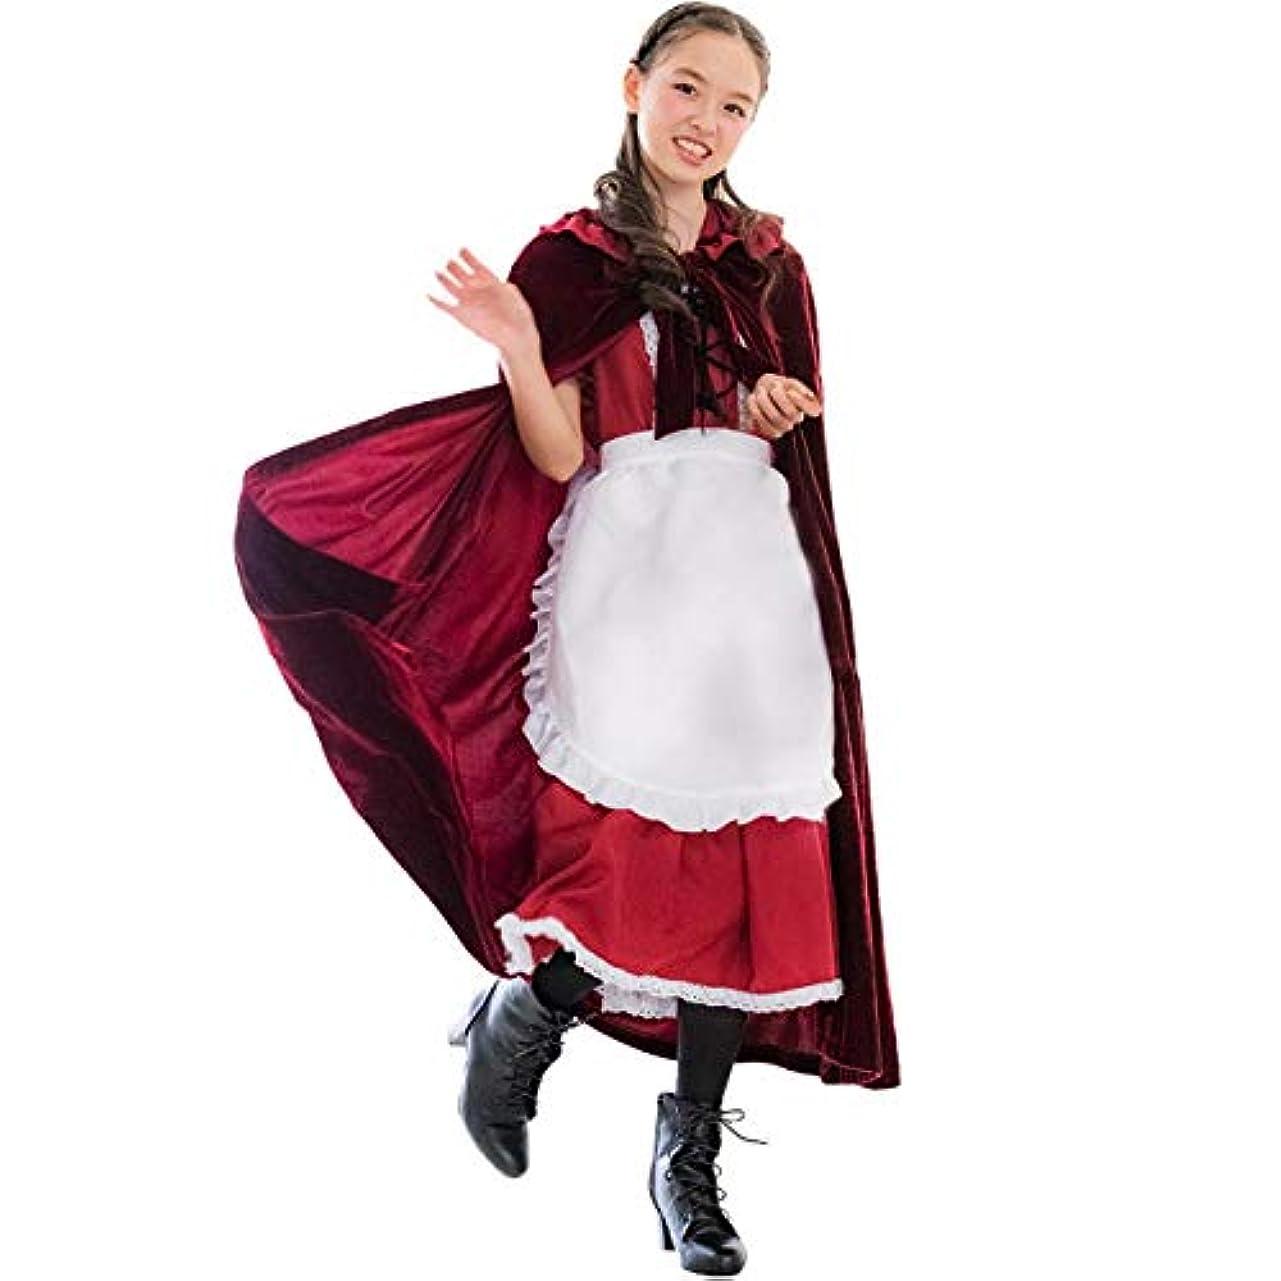 観光に行くシンジケート航空便Catherine Cottage ハロウィン 仮装 衣装 赤ずきん風ドレス コスチューム レディース 大人 CL0031